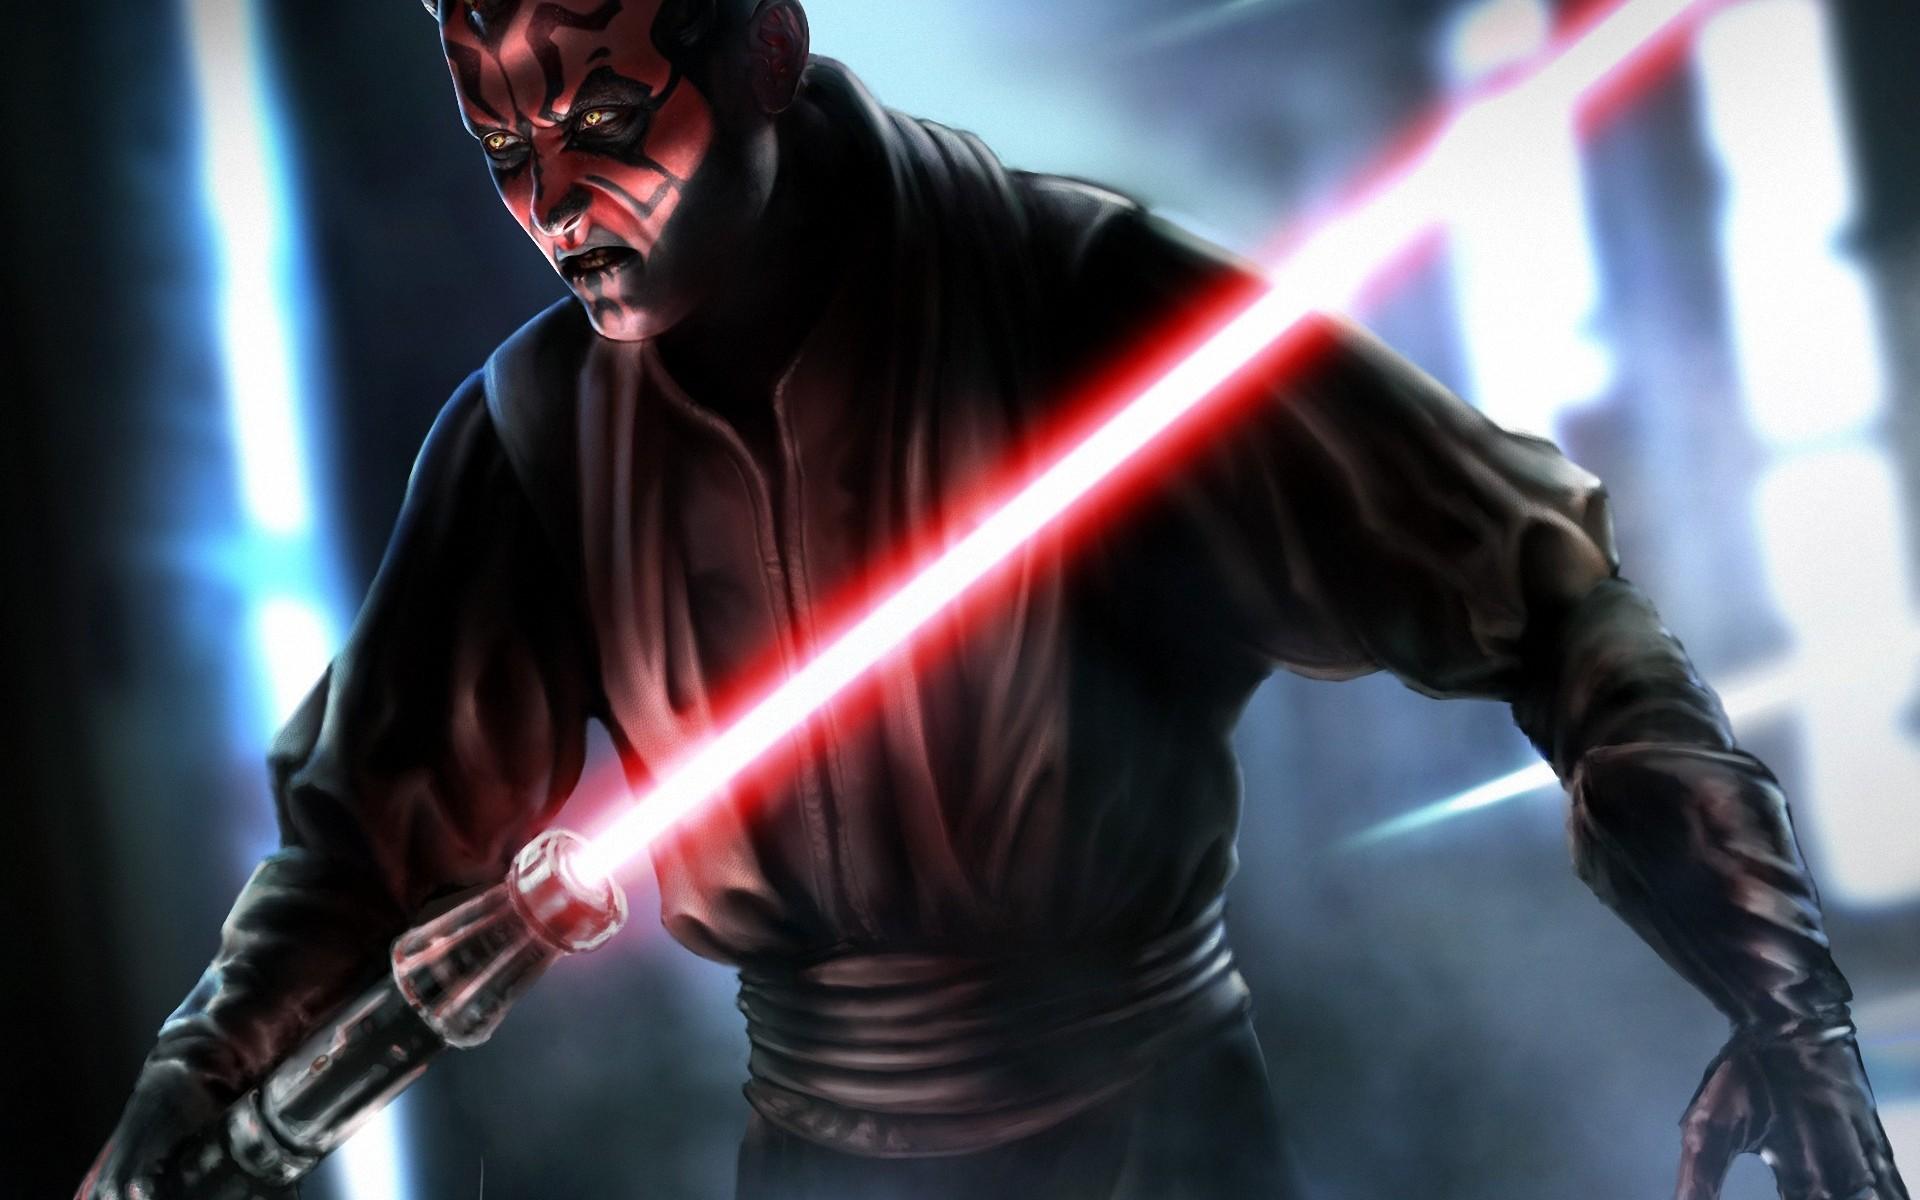 Art Jedi Star Wars Sith Darth Maul Lord Sword Light Sci Fi Warrior Warriors Wallpaper